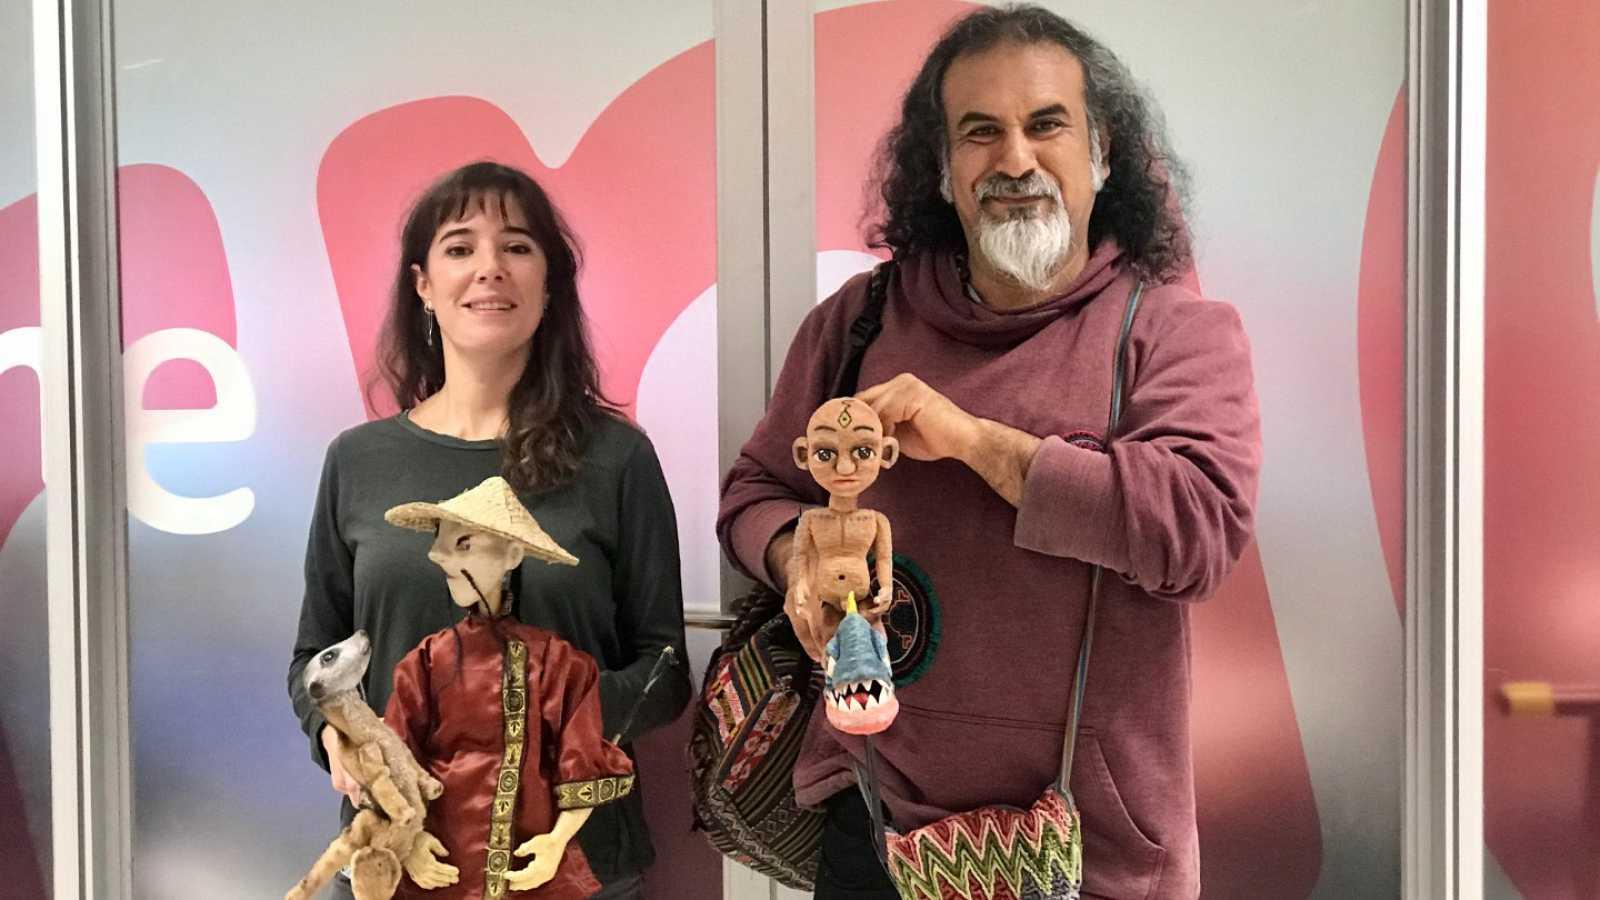 Solamente una vez - Títeres, Entre piedras y cipreses, agenda cultural y economía - 01/11/19 - escuchar ahora